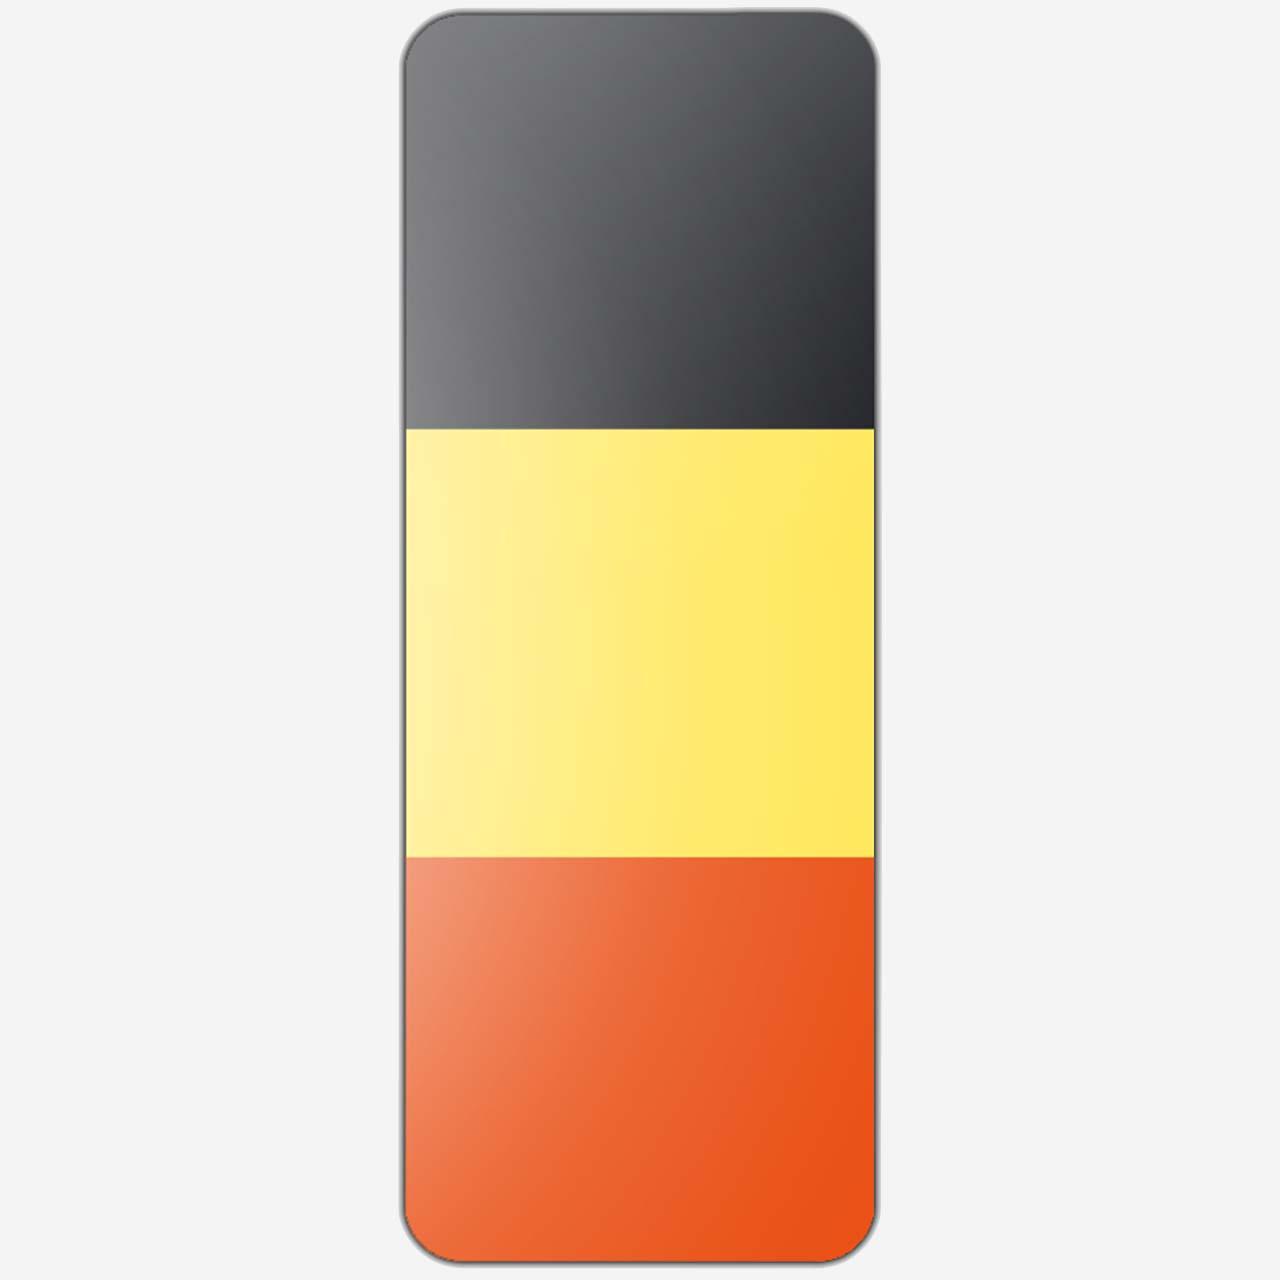 Banier België